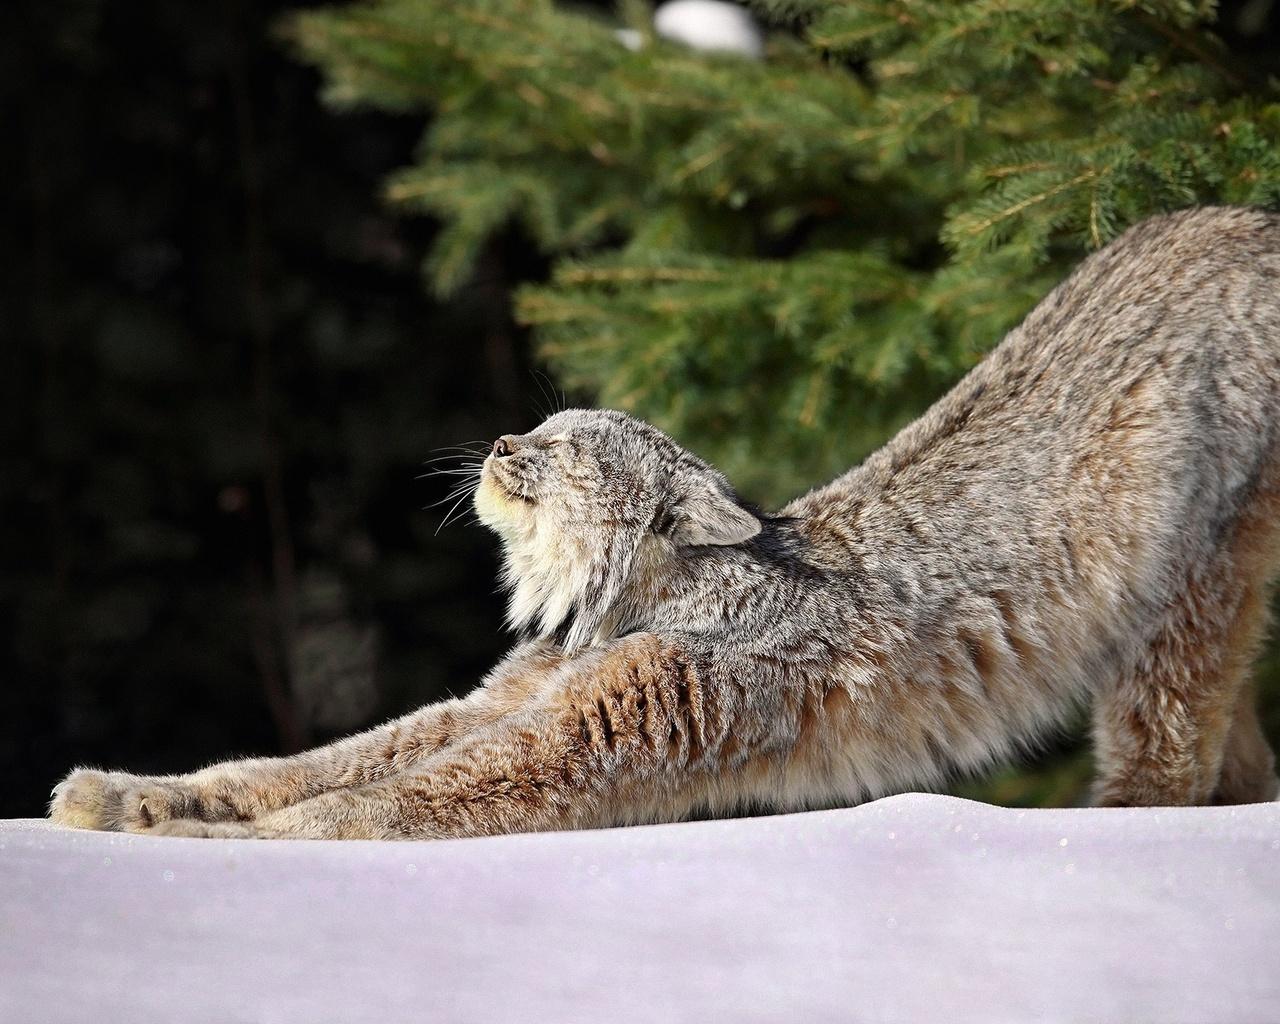 природа, зима, снег, ветки, хвоя, животное, хищник, рысь, потягуши